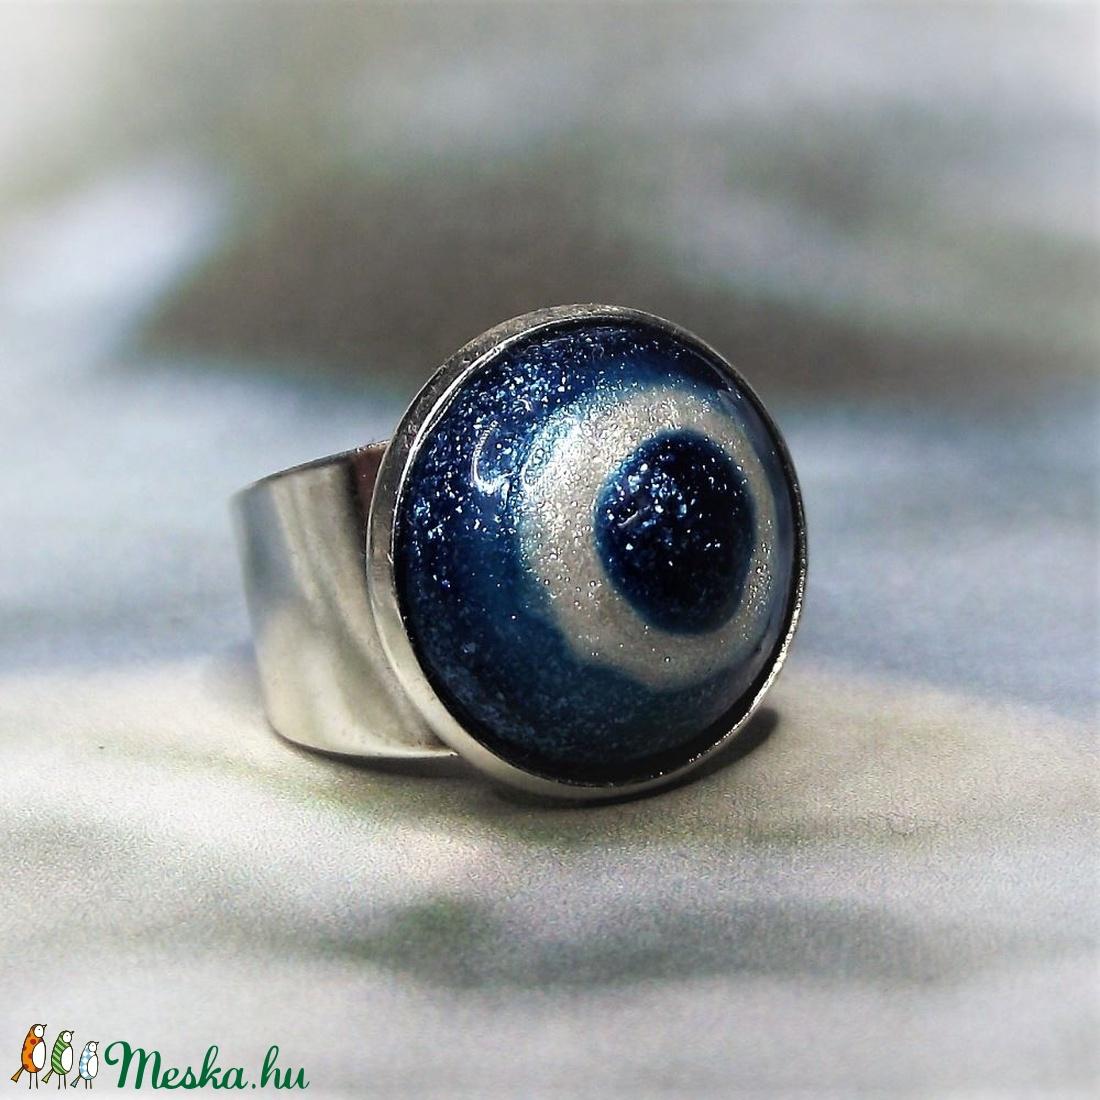 UNIKORNIS csillogó kék-fehér kerámia gyűrű - Ajándék lányoknak nőknek névnapra születésnapra - ékszer - gyűrű - szoliter gyűrű - Meska.hu